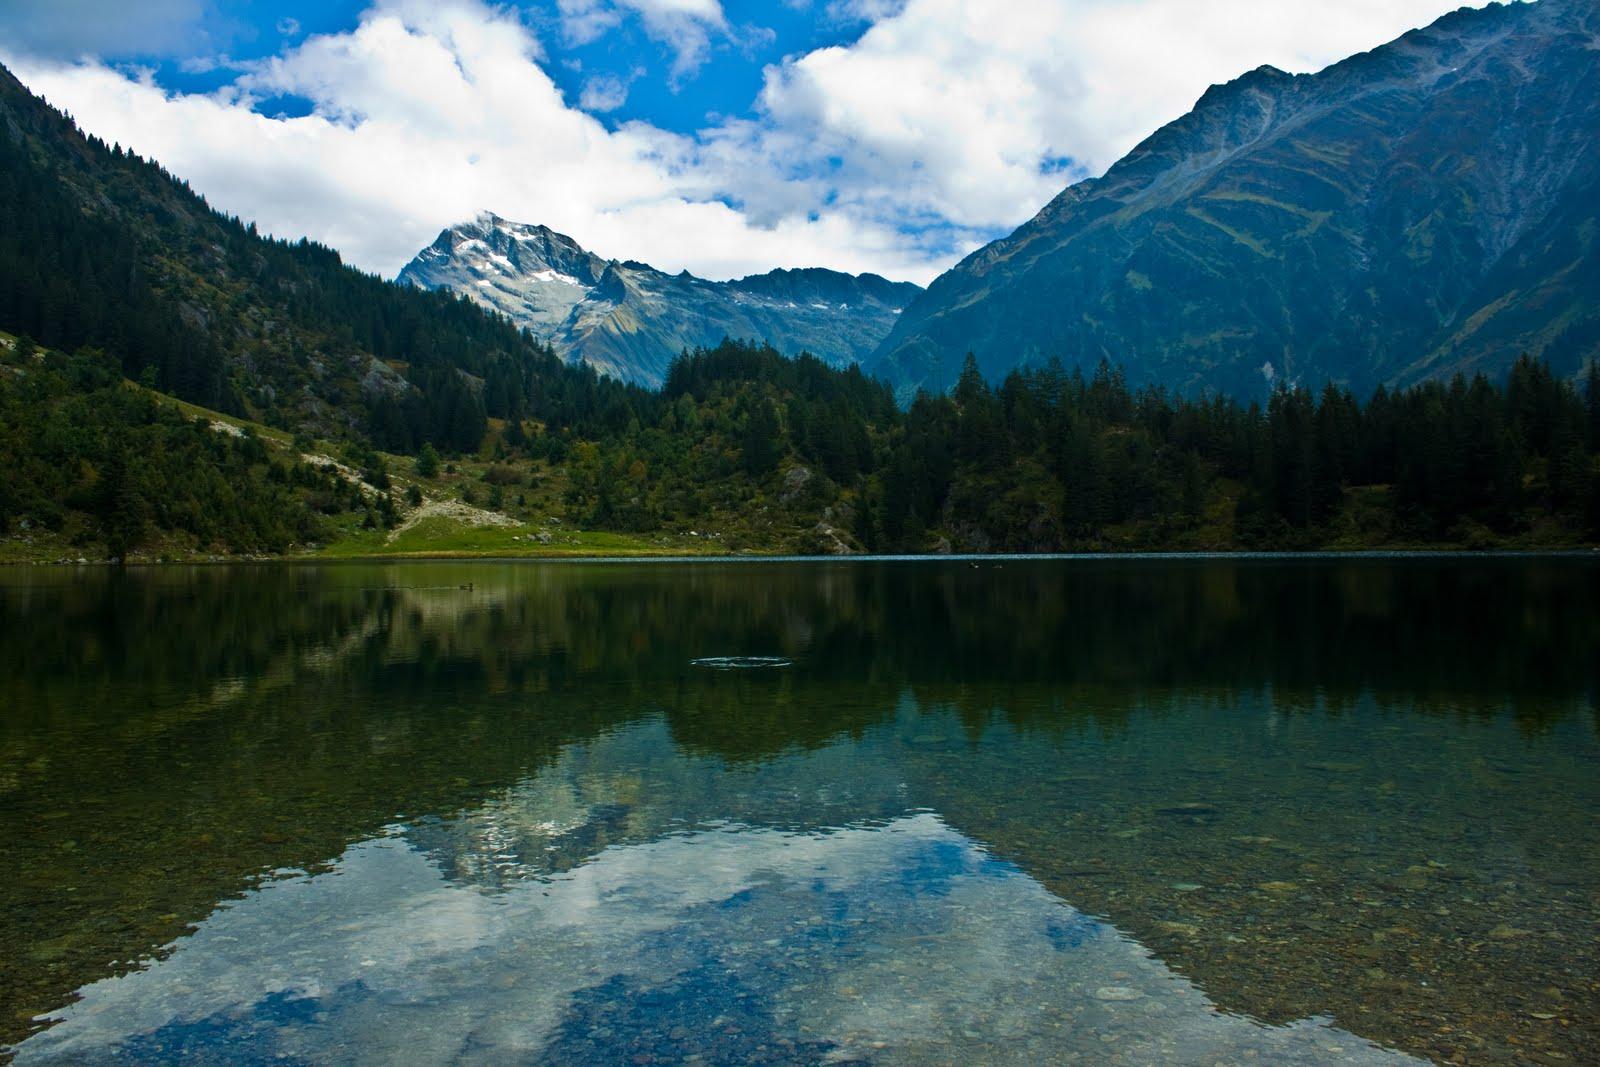 http://1.bp.blogspot.com/_IyUaVrWI1m8/SxQxb4_bKDI/AAAAAAAAAAc/FGdvQsw-x7M/s1600/Landschaft+Golzernsee.jpg